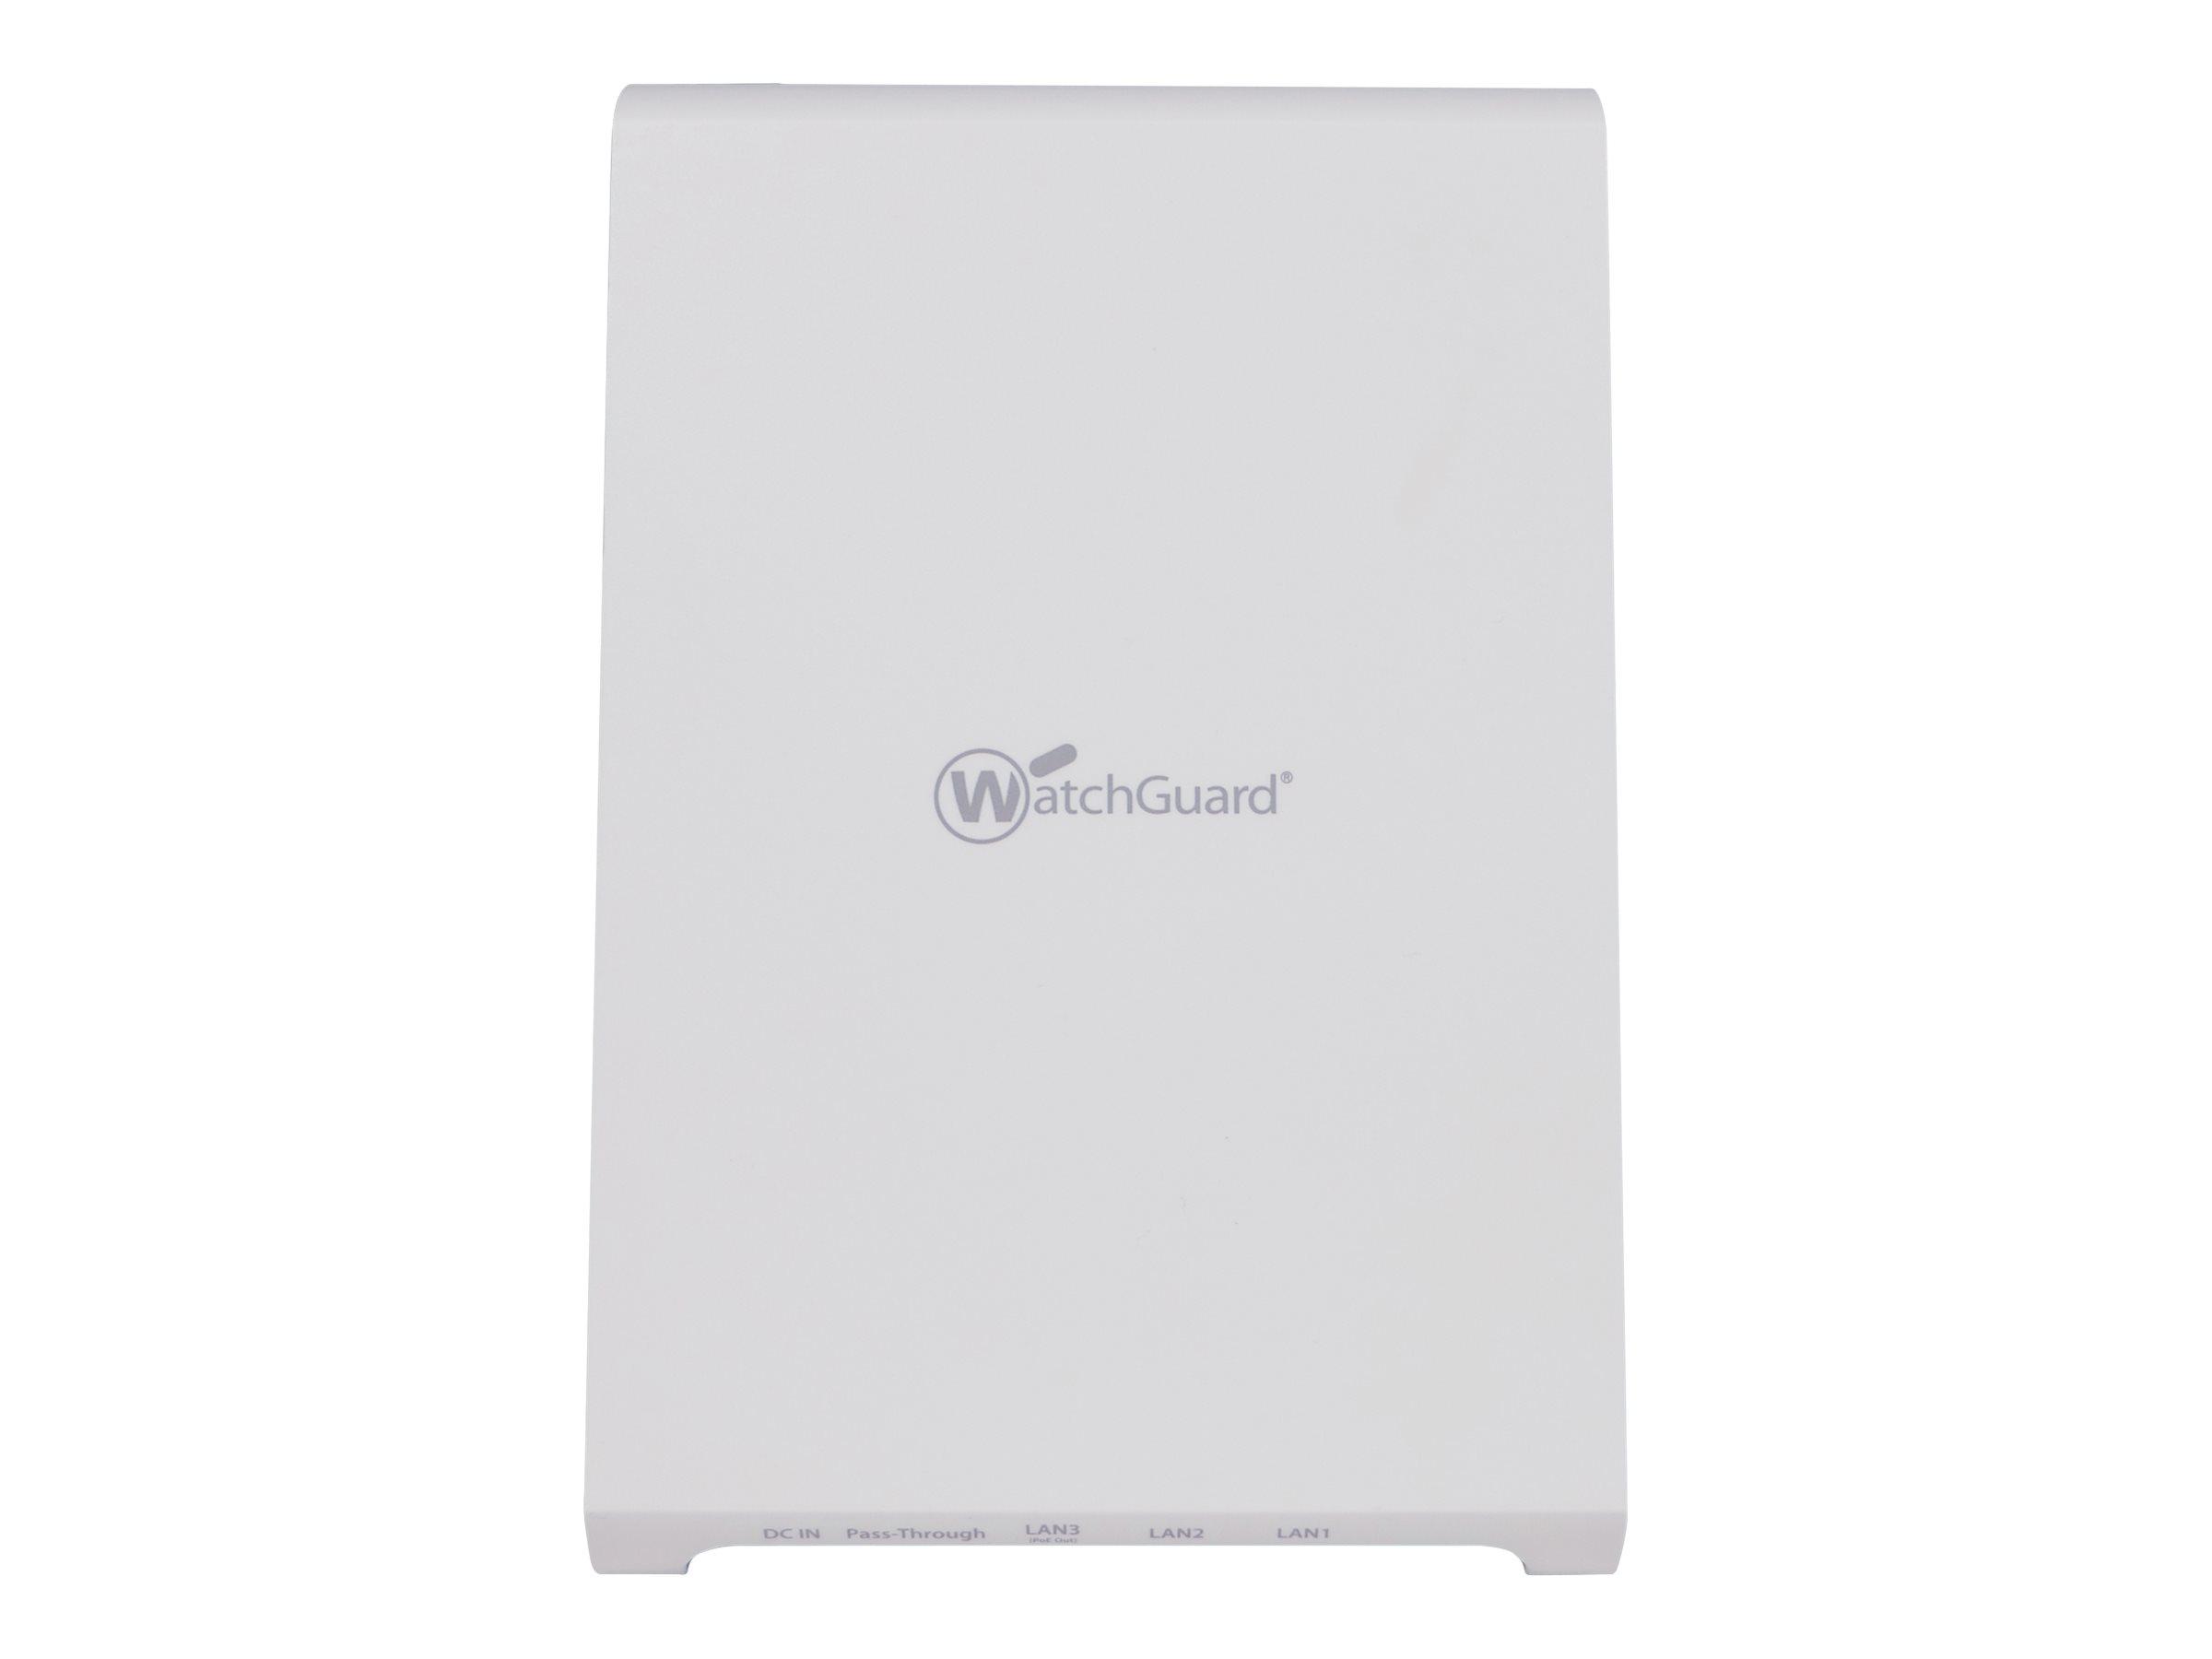 WatchGuard AP225W - wireless access point - with 1 year Basic Wi-Fi